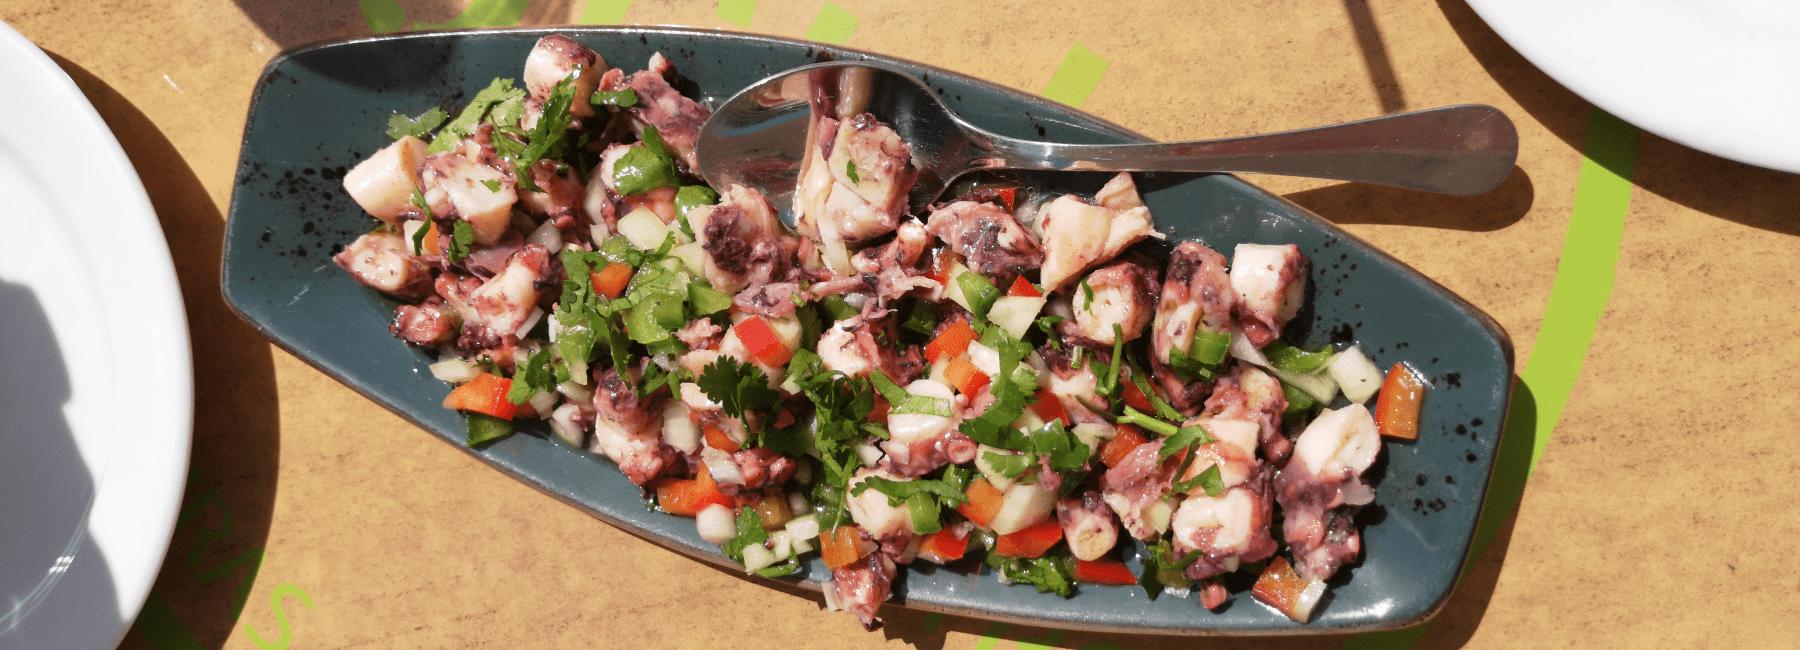 Treasures of Lisboa le meilleur circuit gastronomique à lisbonne sert une salade de poulpe